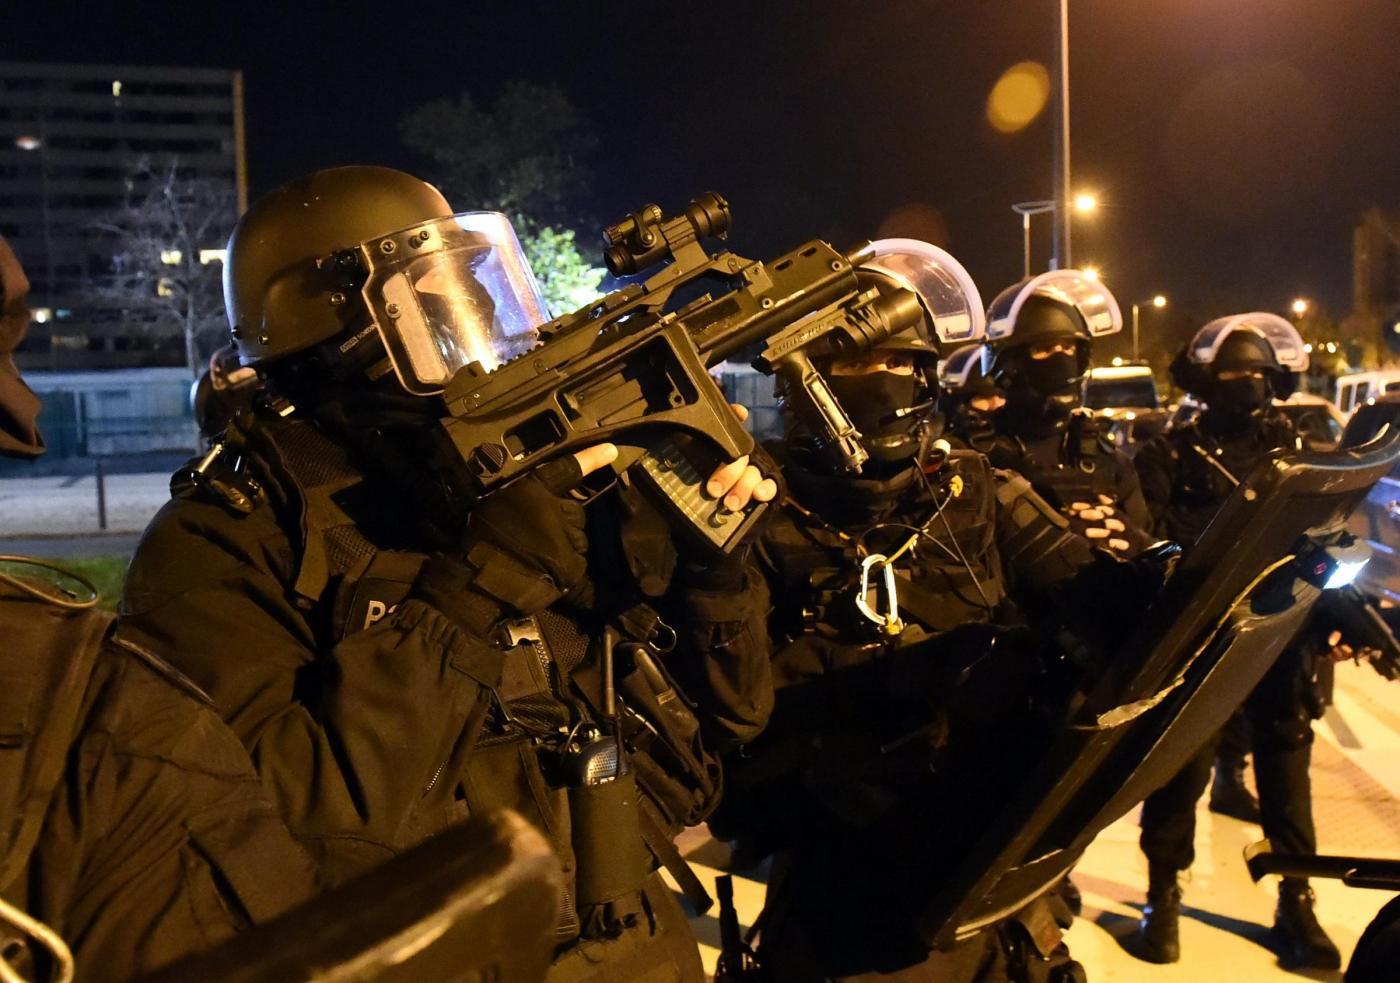 Raid anti terrorismo a Tolosa